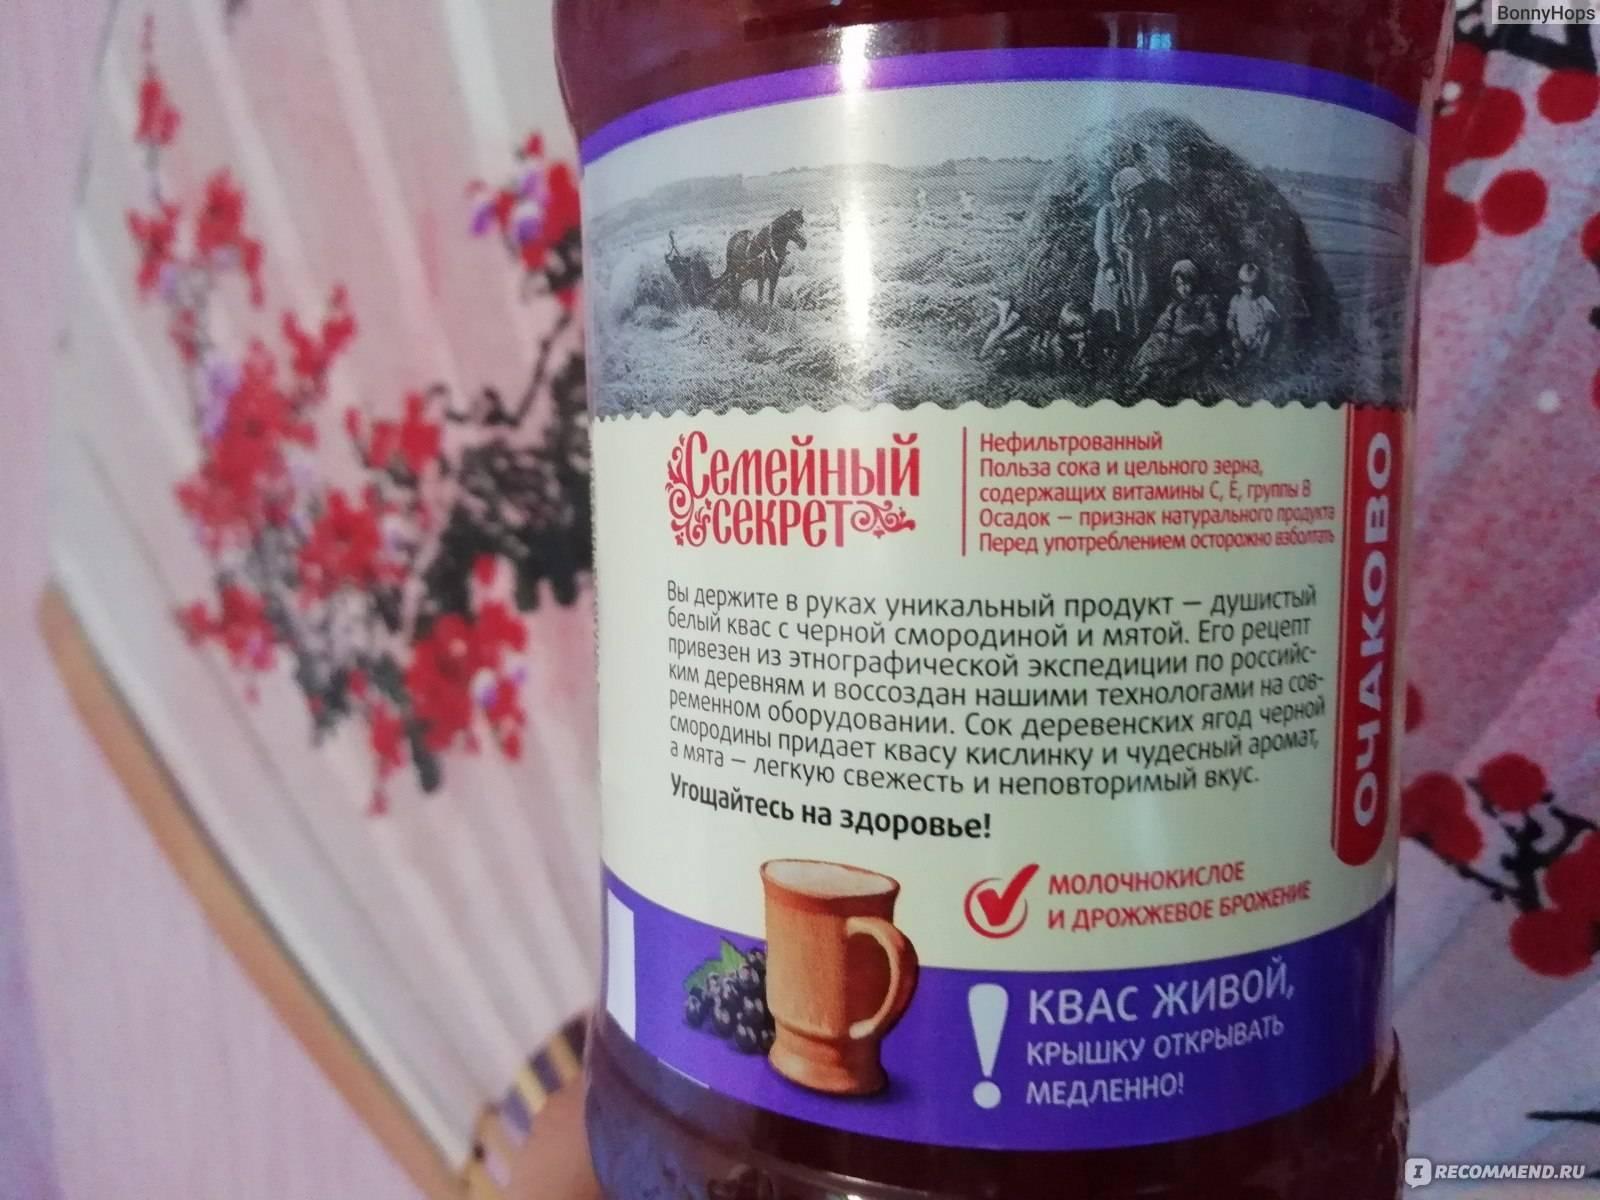 Отзыв на вятский квас вк лесные ягоды: состав, вкус, калорийность и пр.